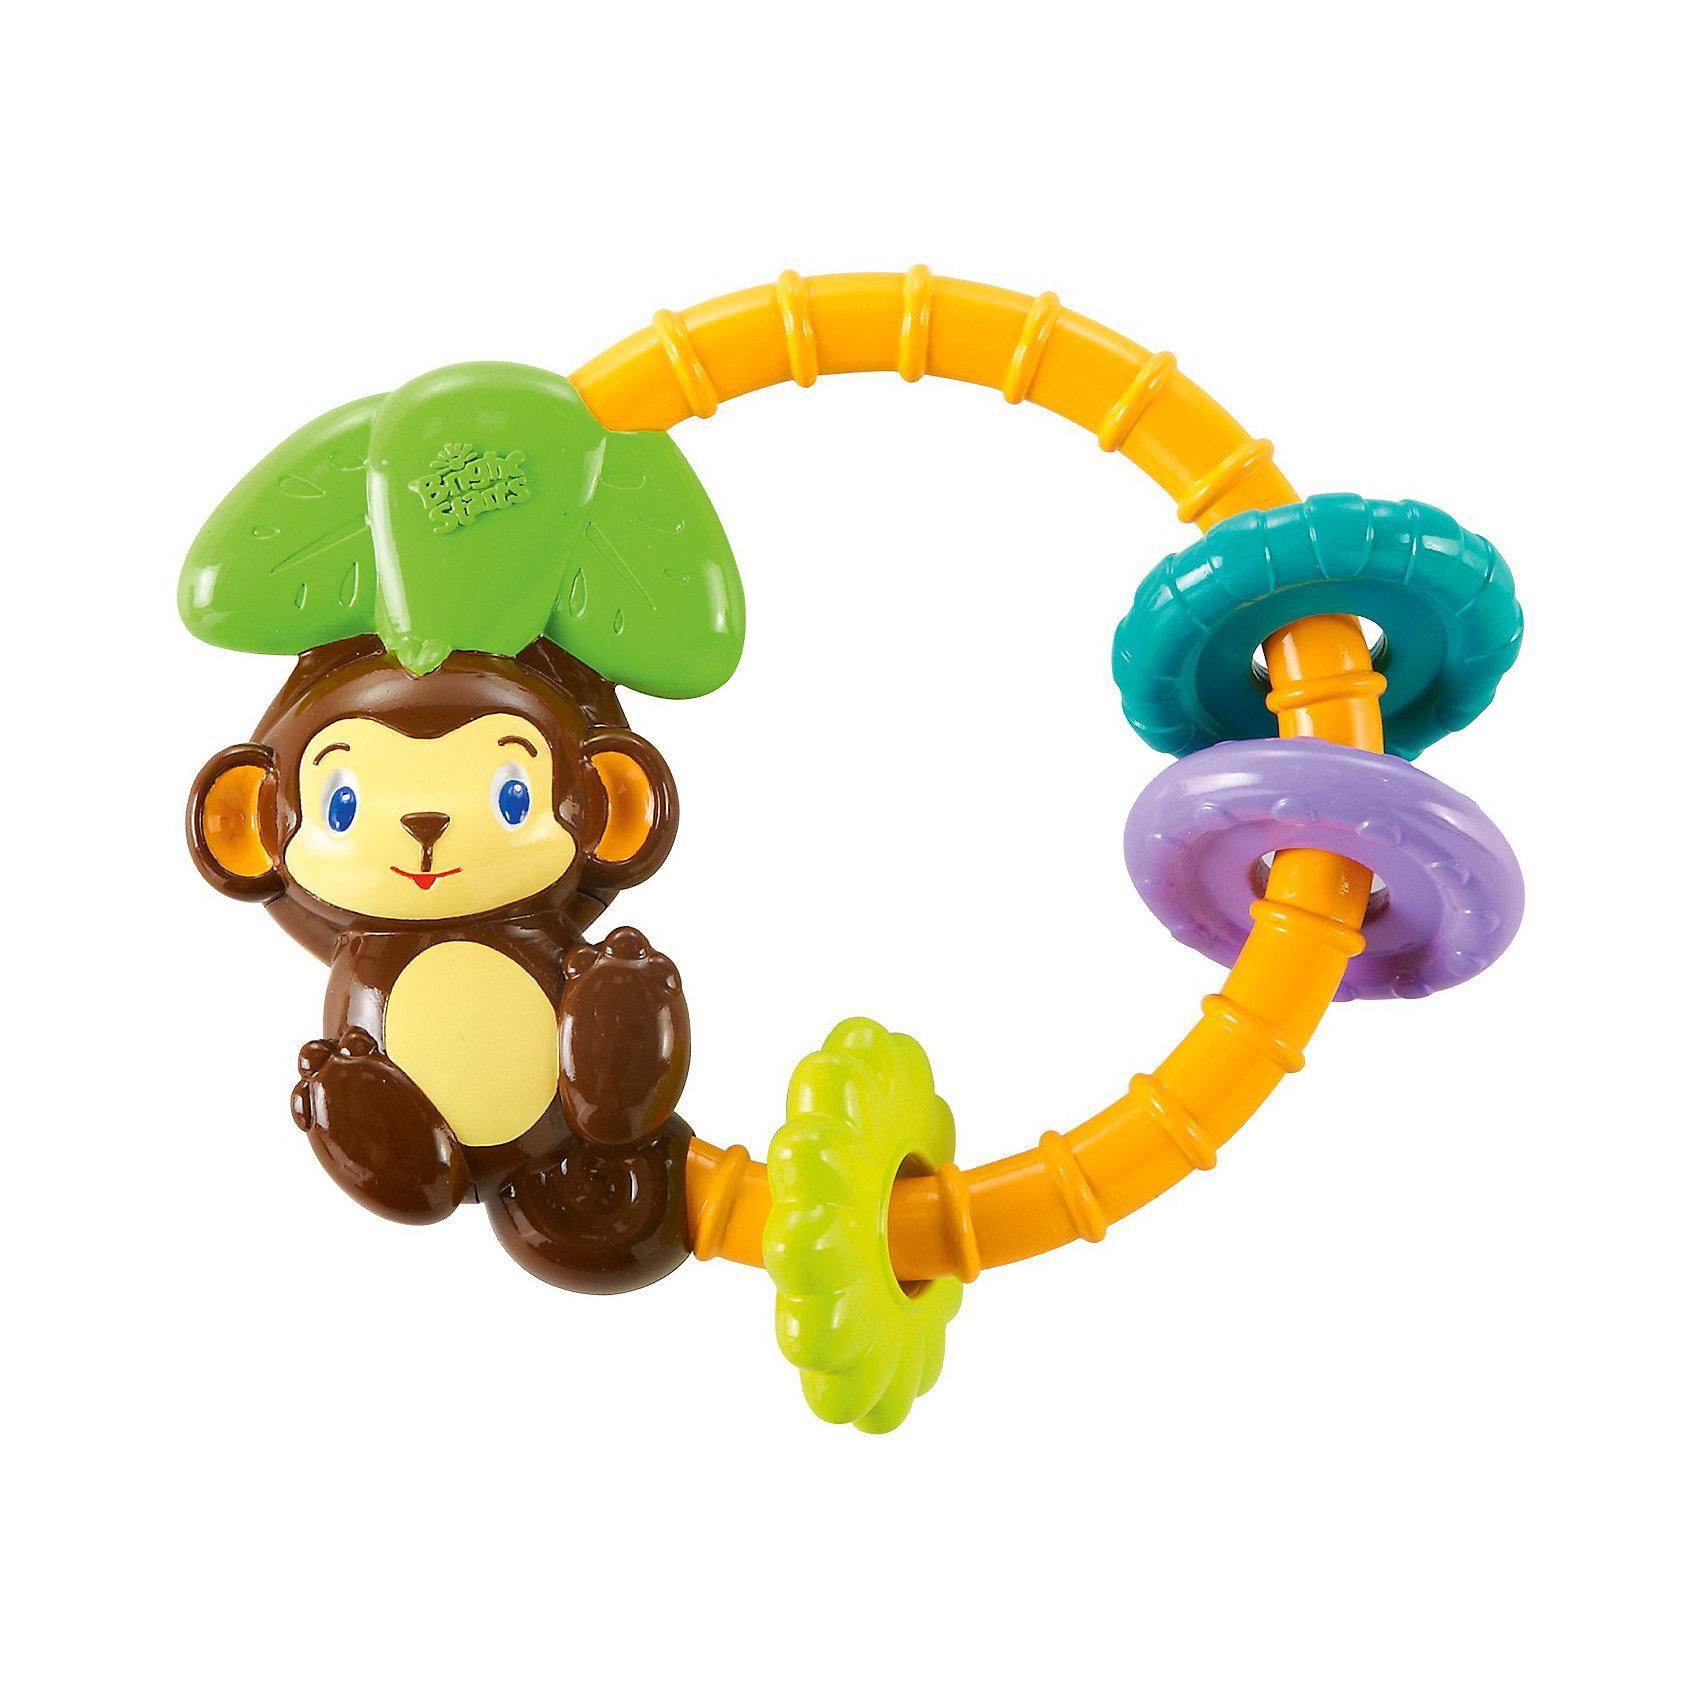 Погремушка Обезьянка, Bright StartsОбезьянка – это разноцветная рельефная погремушка, которая сможет развлечь малыша. Она предназначается для крох возрастом от 3 месяца до 1 года. Рельефная погремушка издает забавные звуки джунглей. Чтобы услышать короткие мелодии и звуки животных достаточно потрясти игрушку. Ребенок с легкостью сможет схватить ее маленькими ручками. Погремушка развивает слух и моторику малыша. <br><br>Дополнительная информация:<br><br>- материал: пластик <br>- цвет: многоцветный<br>- размер упаковки (коробки):16 х 3 х 20 см.<br>- вес: 12 гр.<br><br>Погремушку Обезьянка можно купить в нашем интернет магазине.<br><br>Ширина мм: 160<br>Глубина мм: 200<br>Высота мм: 30<br>Вес г: 117<br>Возраст от месяцев: 0<br>Возраст до месяцев: 12<br>Пол: Унисекс<br>Возраст: Детский<br>SKU: 3345340